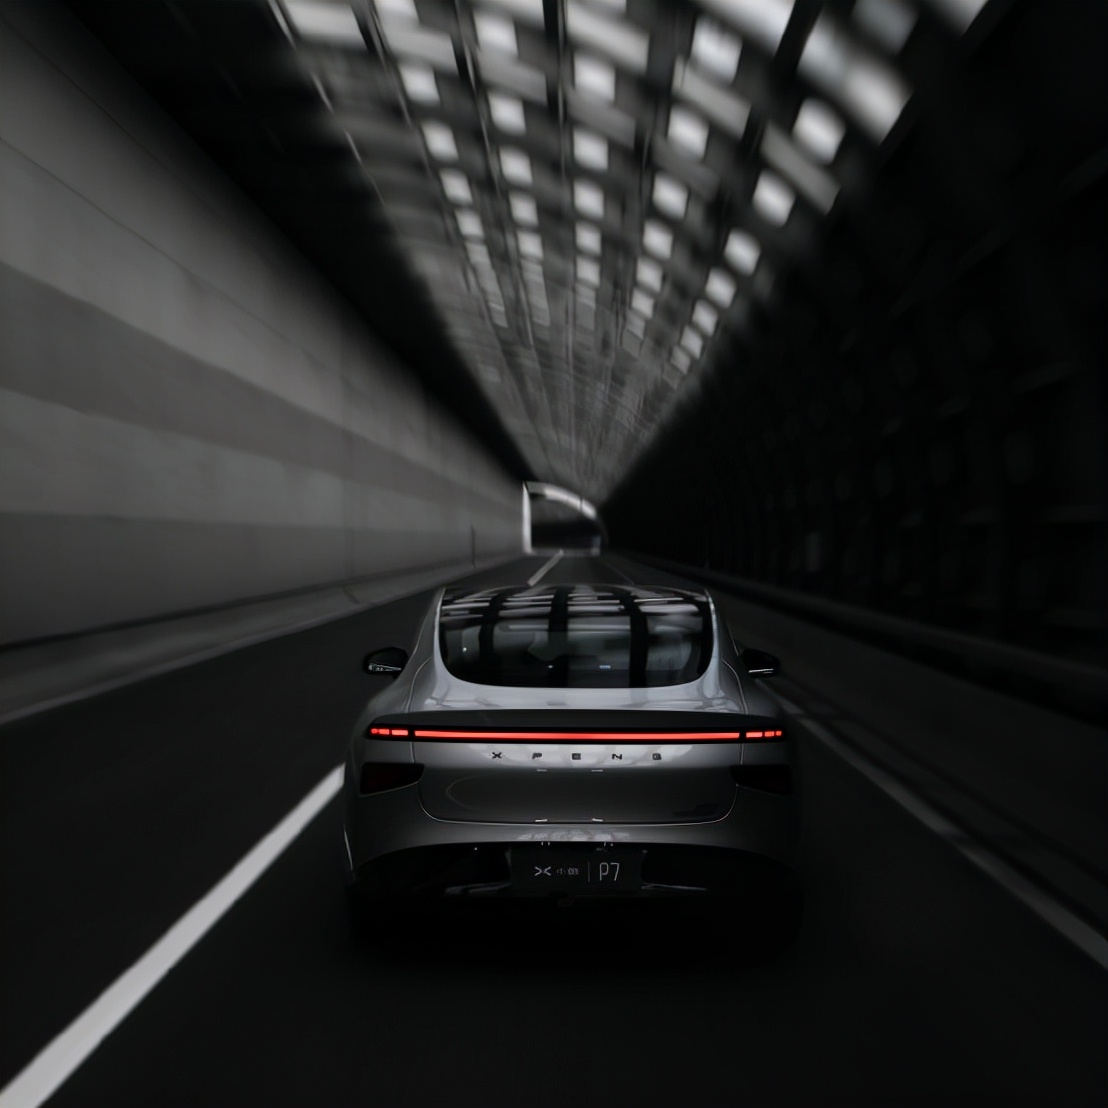 让消费者以更低价格感受智能轿跑用户之魅力,这一次小鹏P7做到了